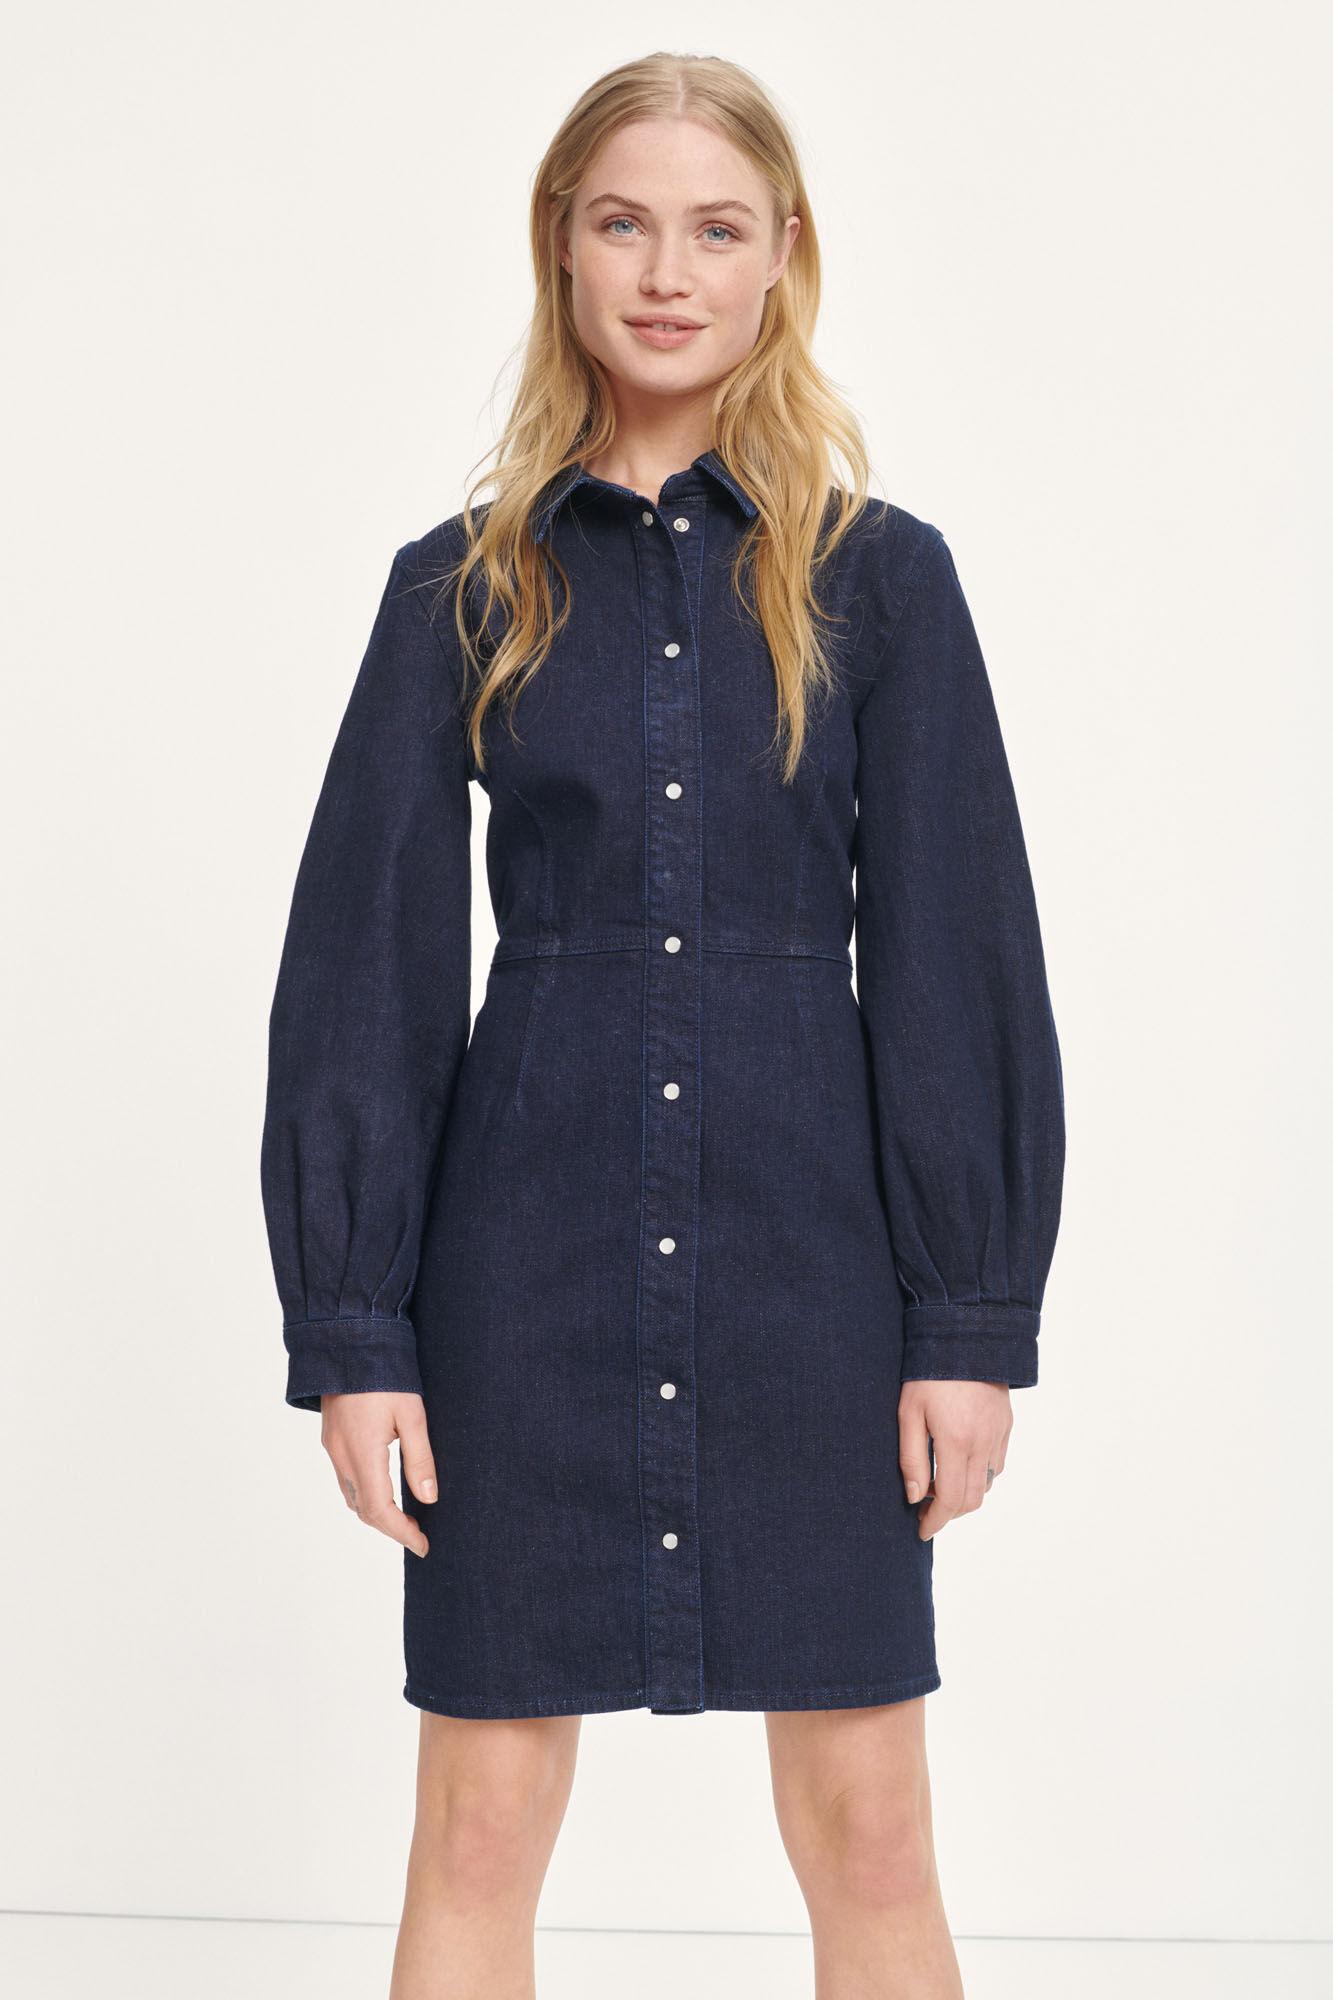 Berthe dress 12900